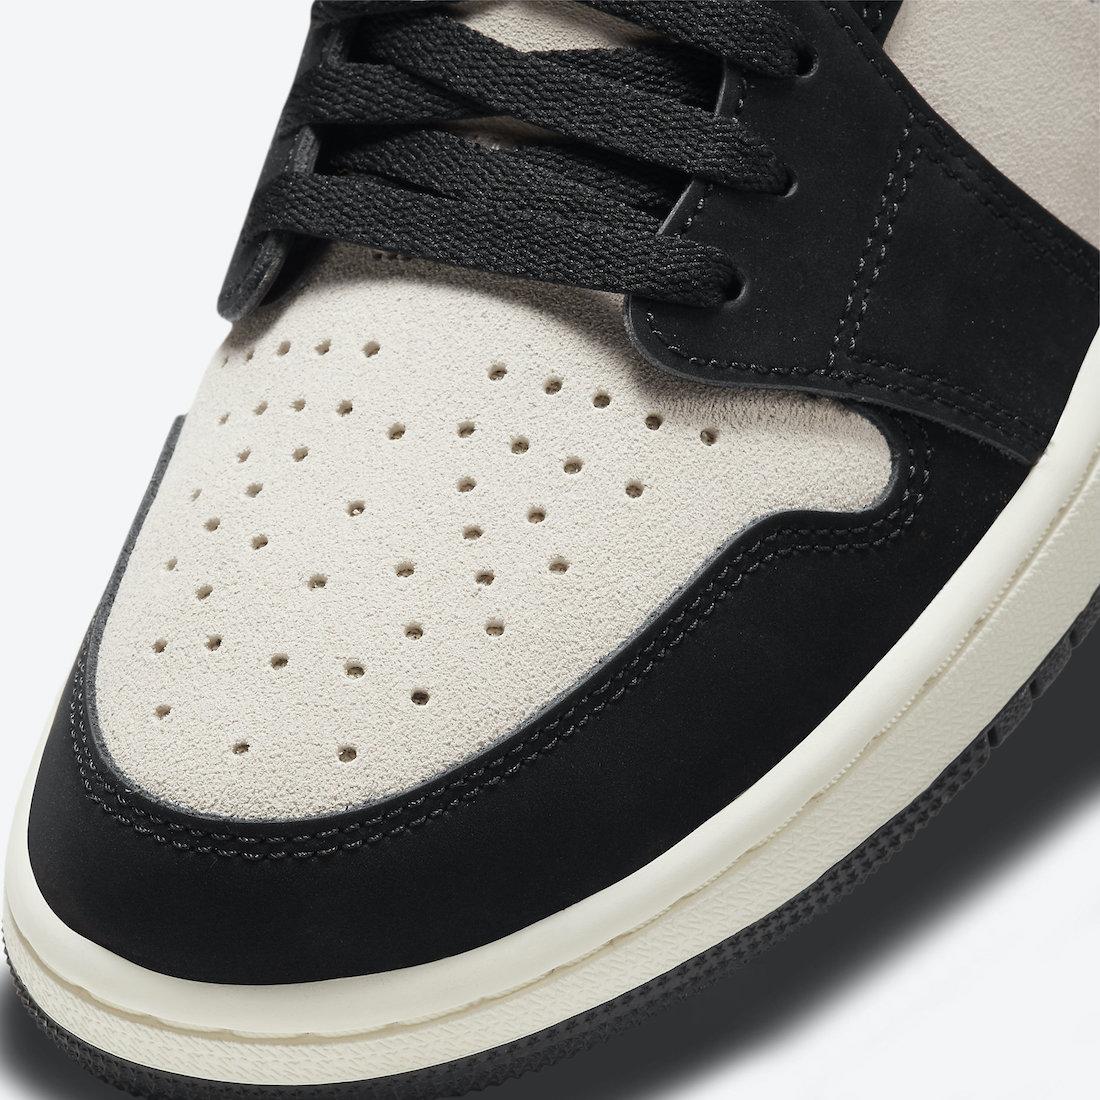 Air-Jordan-1-Zoom-Comfort-PSG-DB3610-105-Release-Date-6